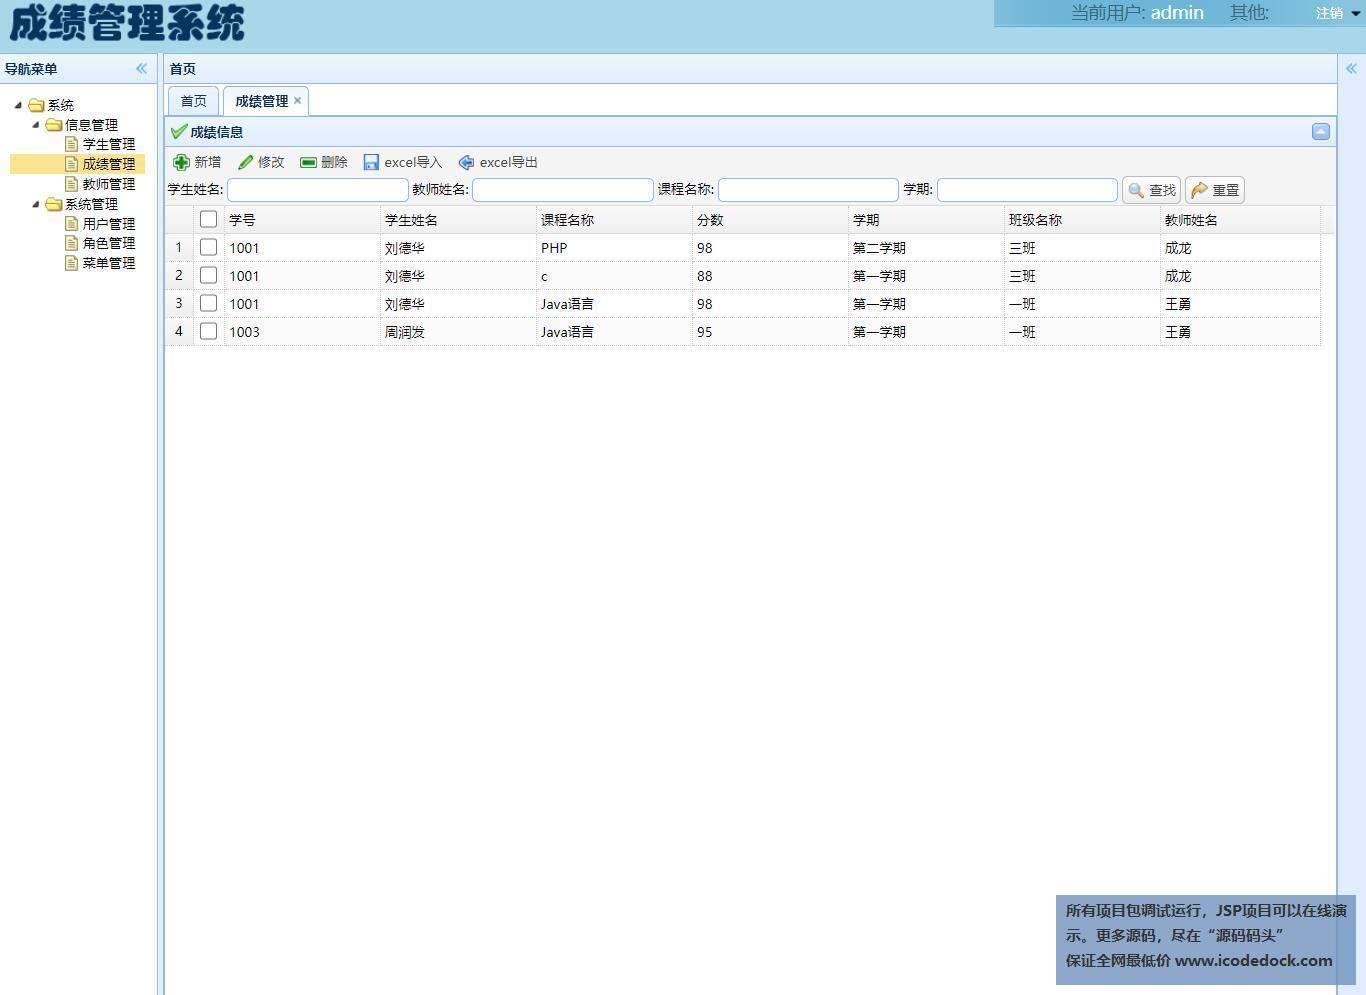 源码码头-SSH学生信息成绩管理系统-管理员角色-成绩管理